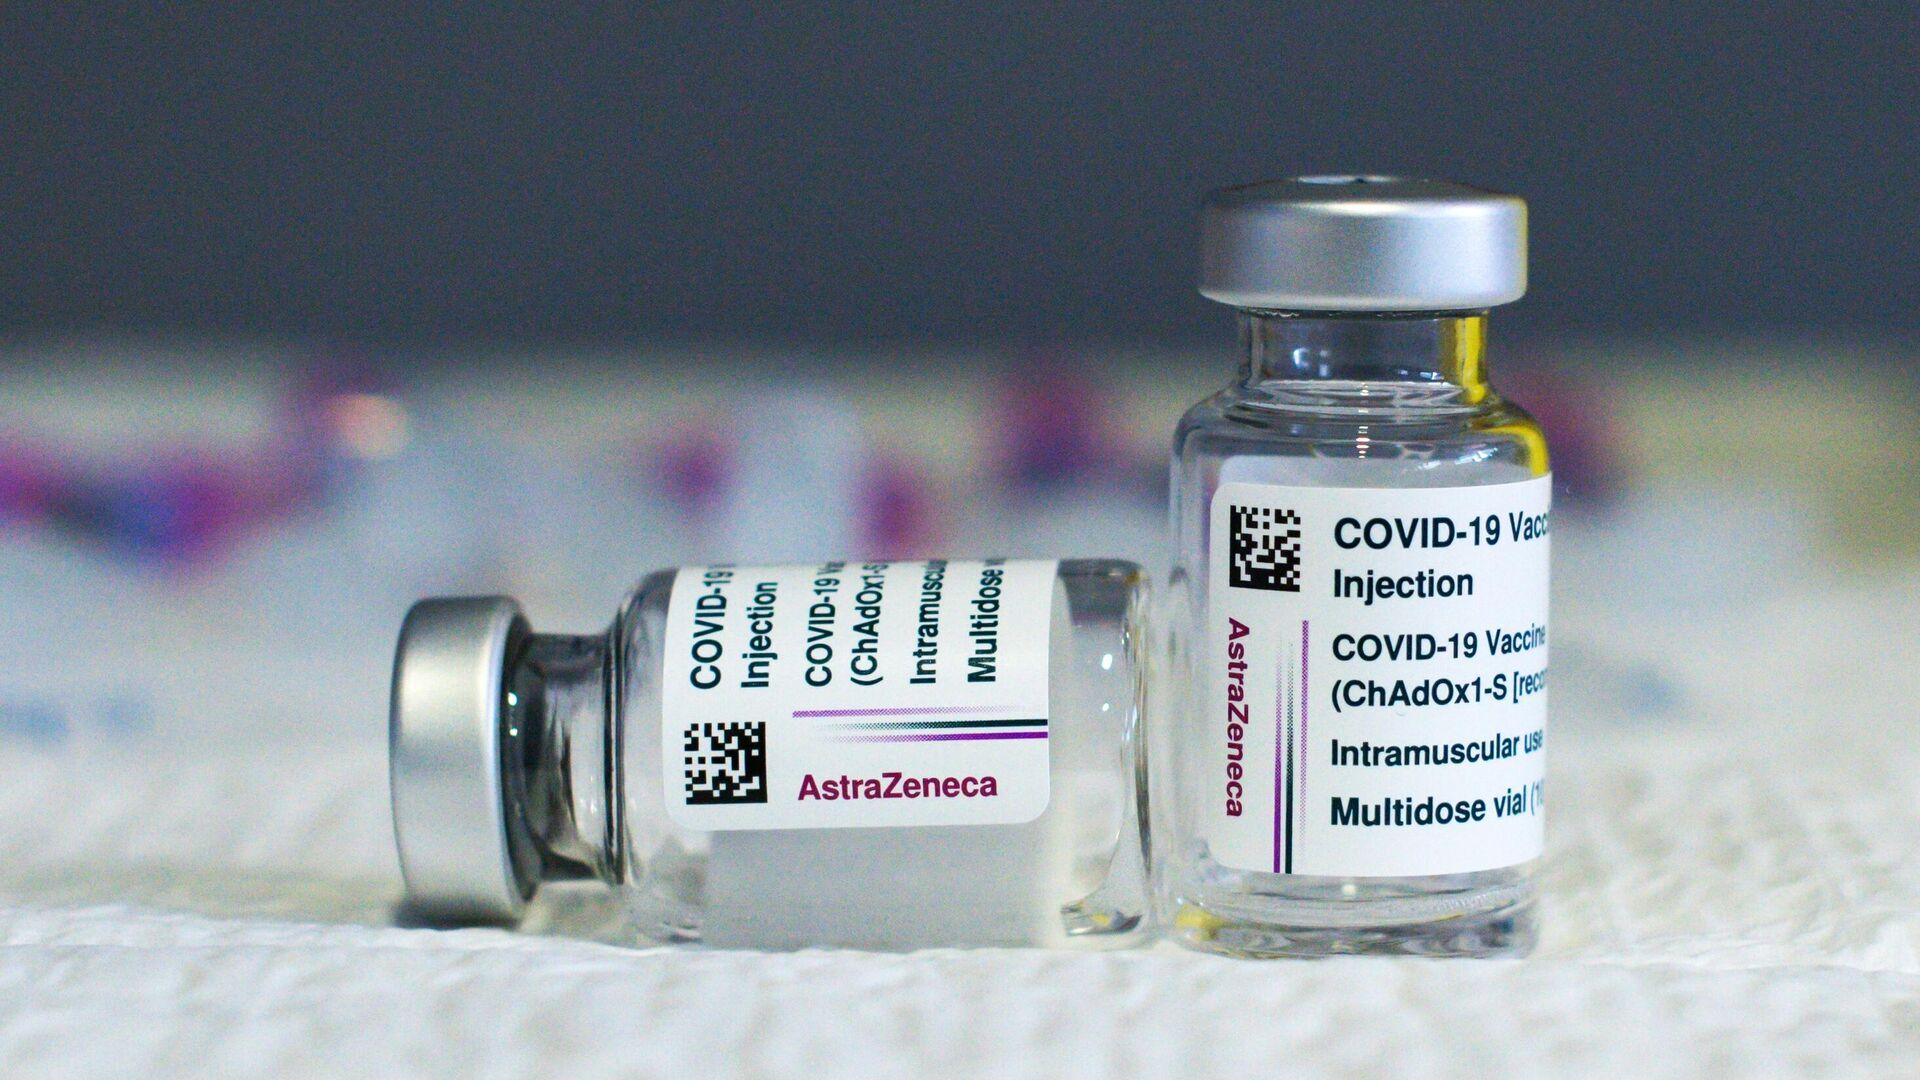 Вакцина Oxford/AstraZeneca от COVID-19 - РИА Новости, 1920, 25.05.2021